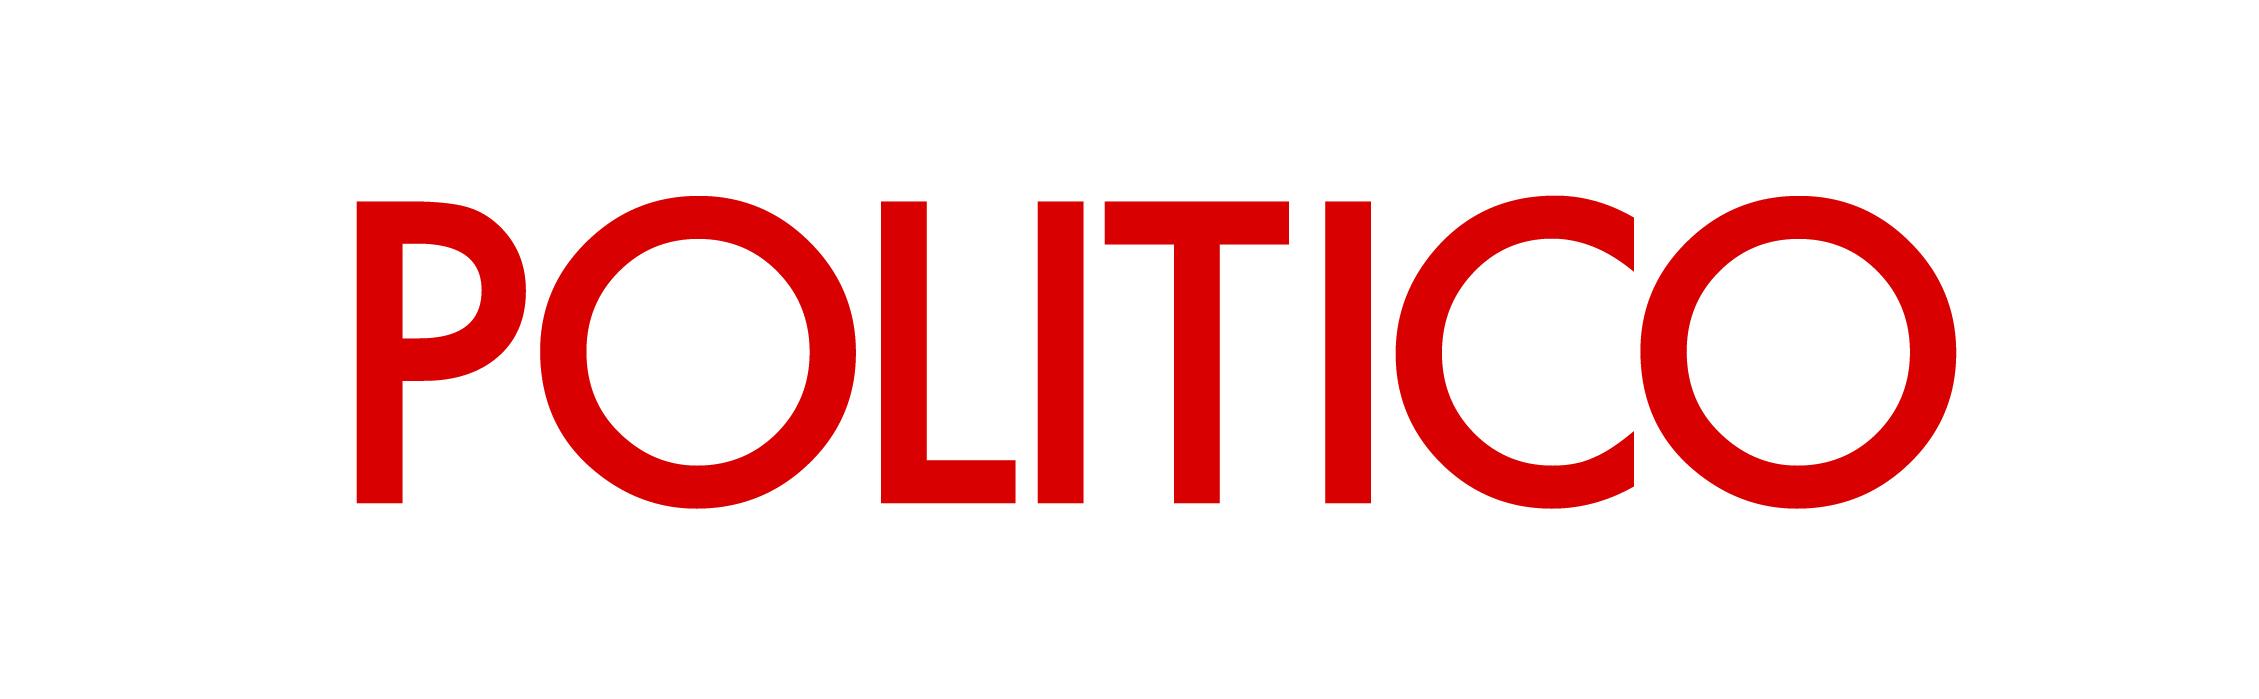 Log Cabin Republicans Politico First Look Cea